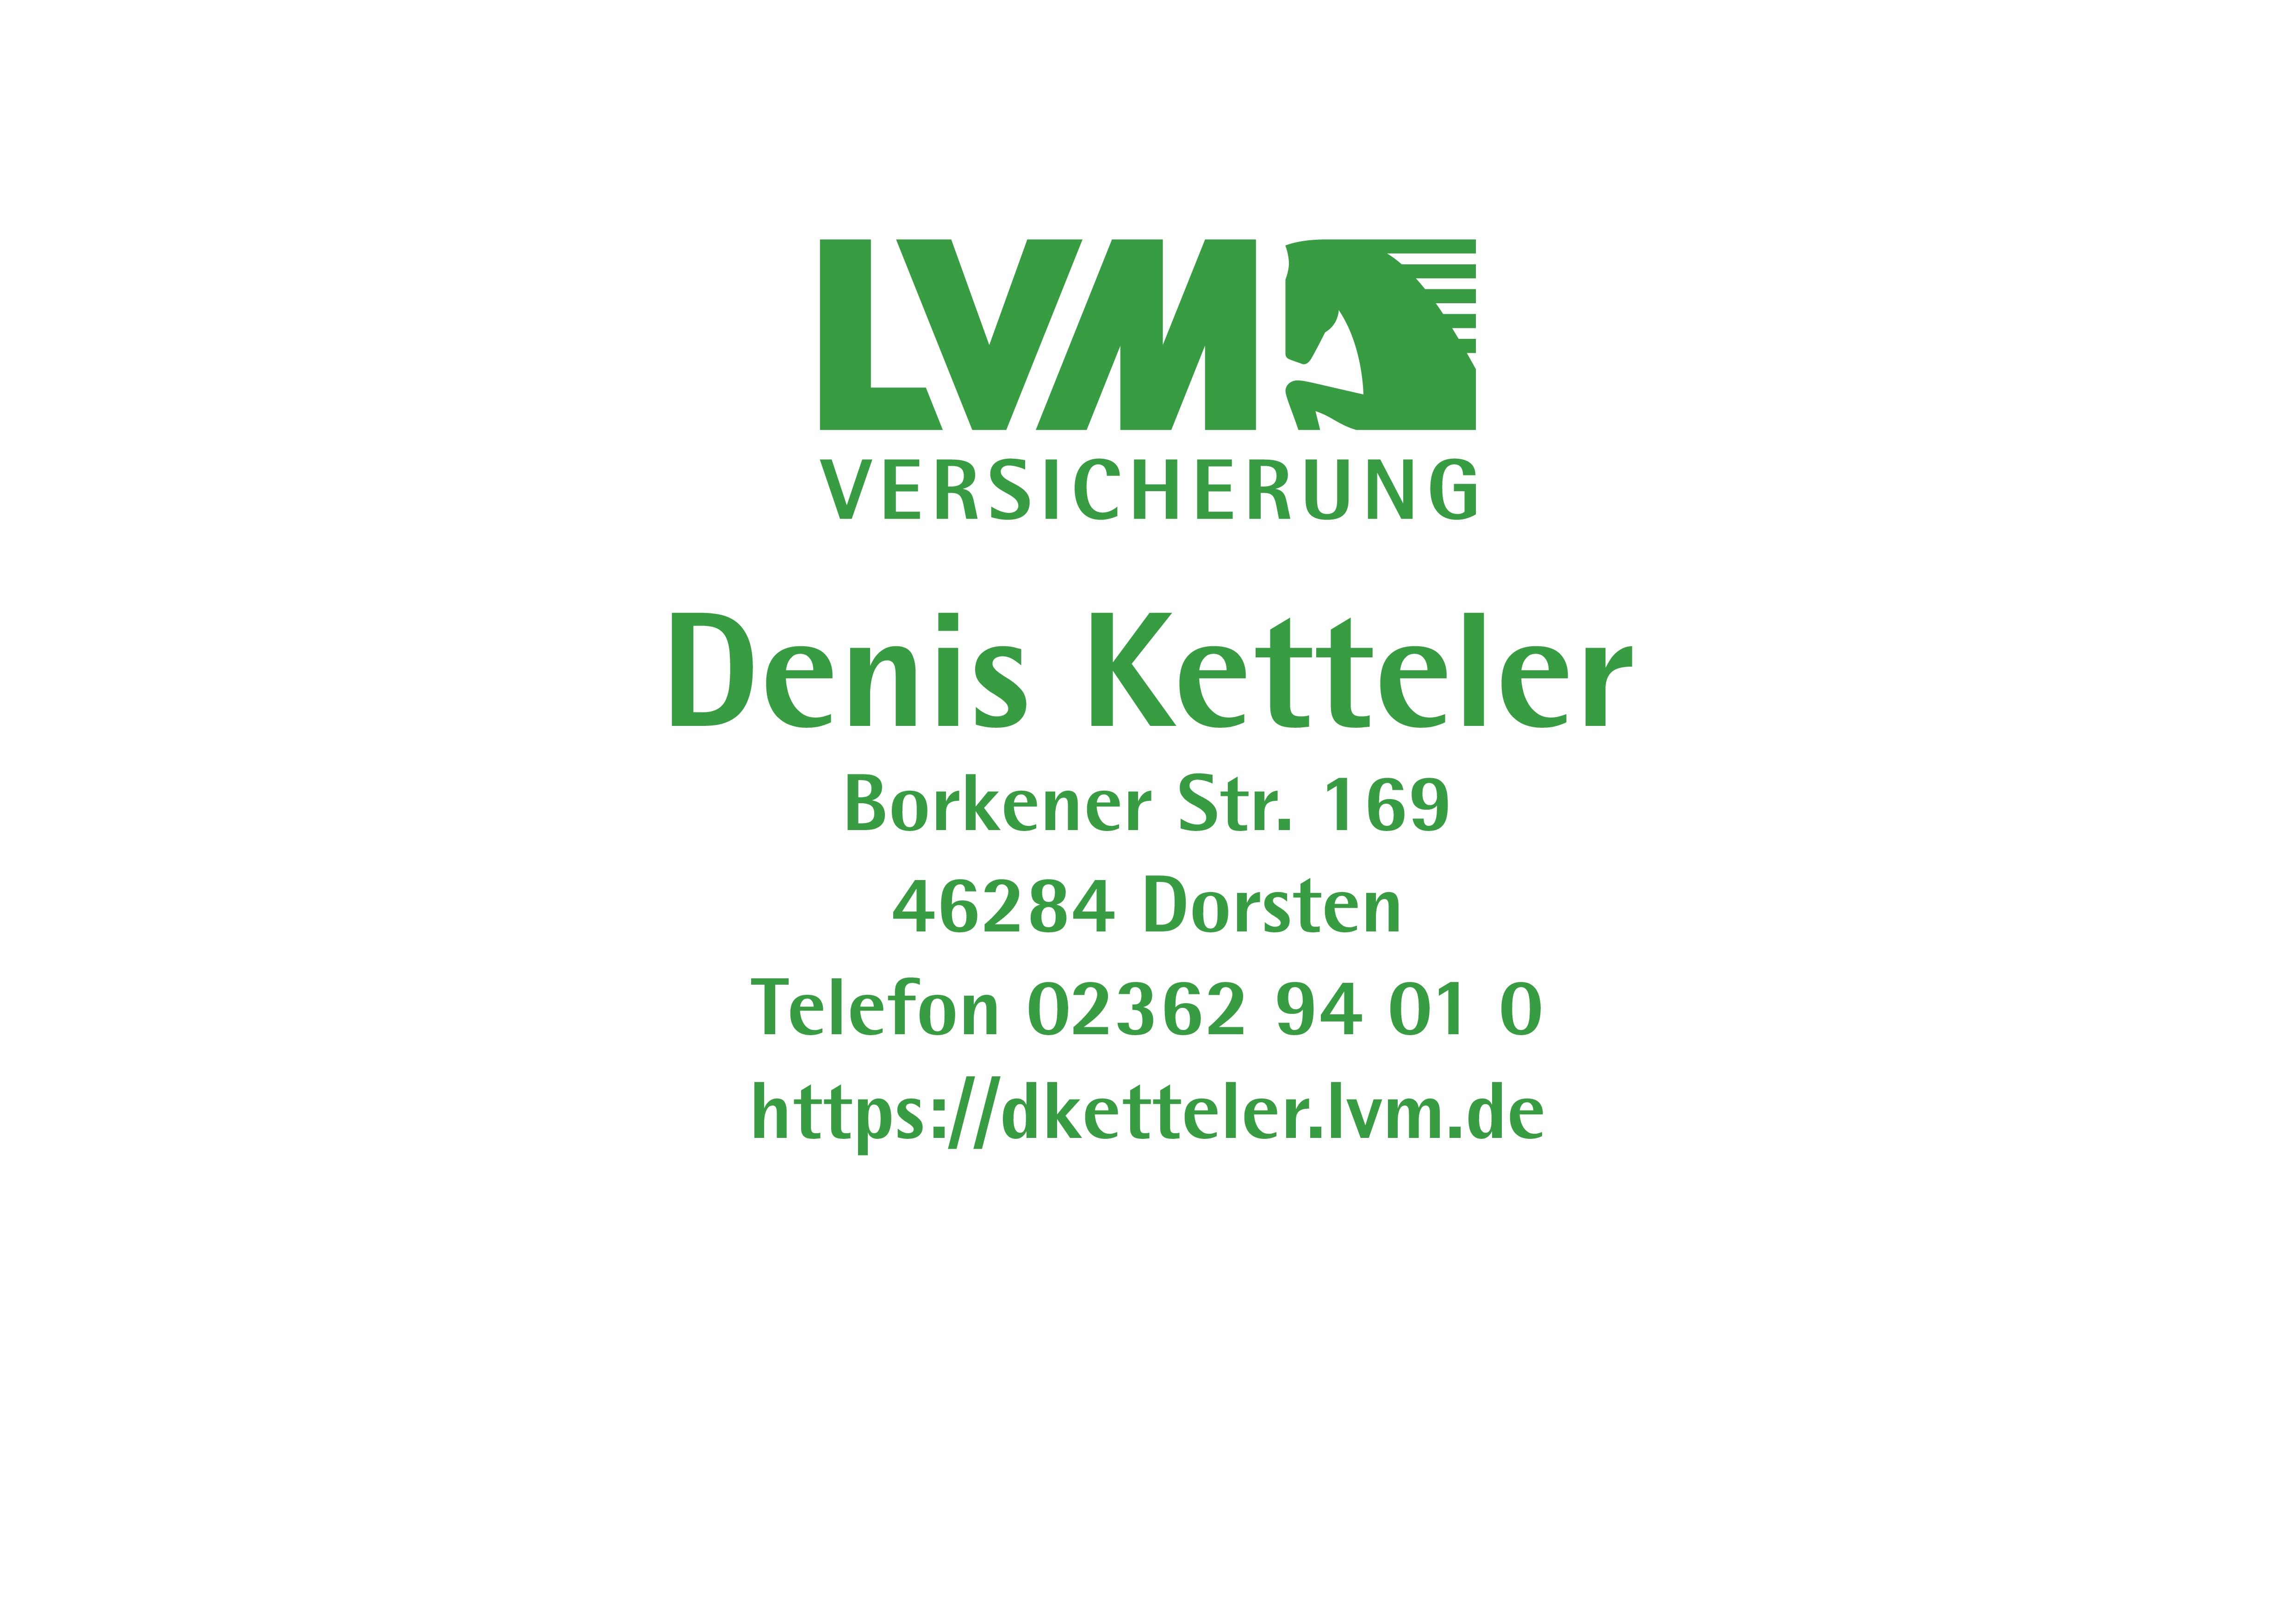 Denis Ketteler